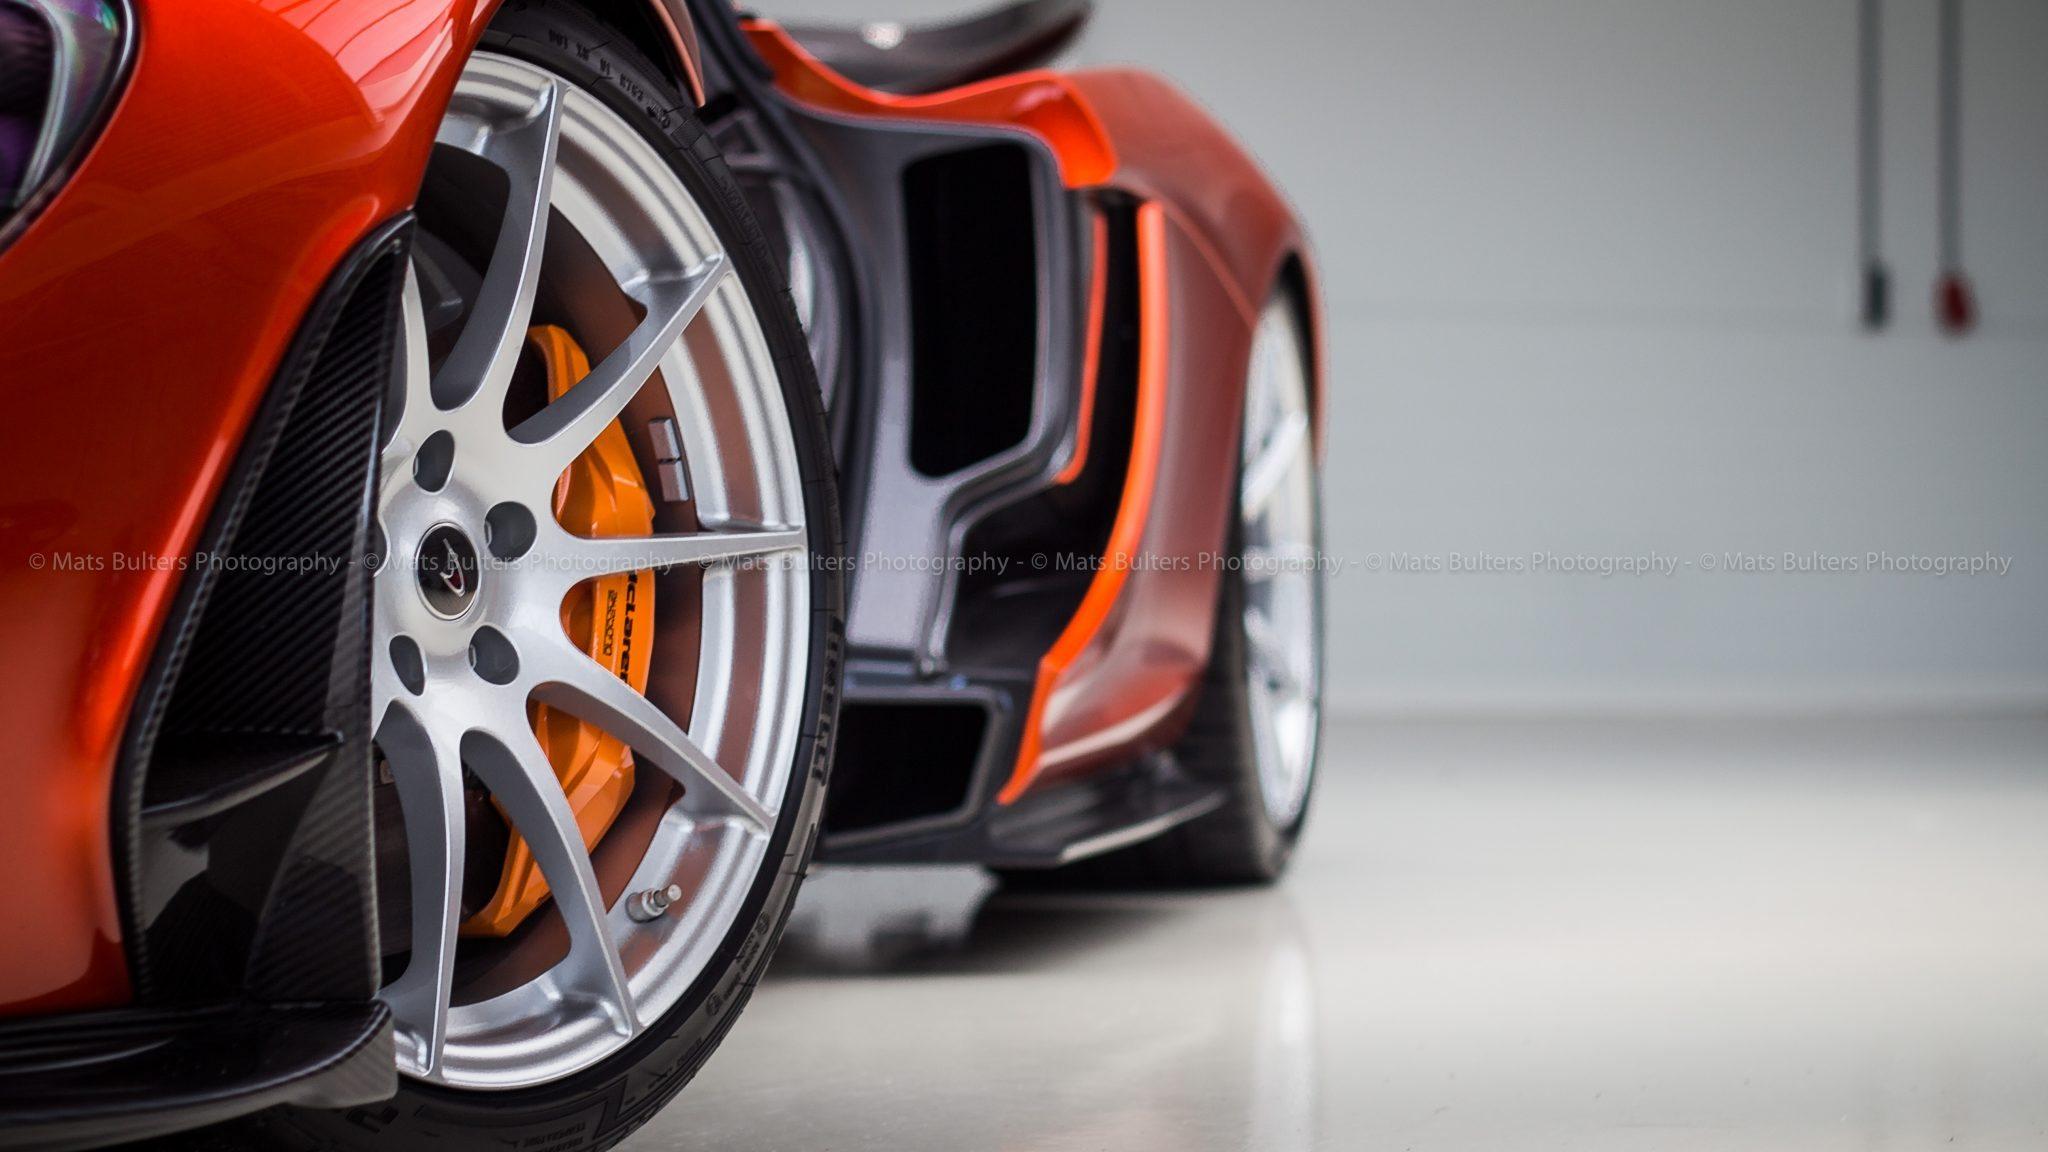 McLaren P1, Ferrari LaFerrari & Porsche 918 Spyder